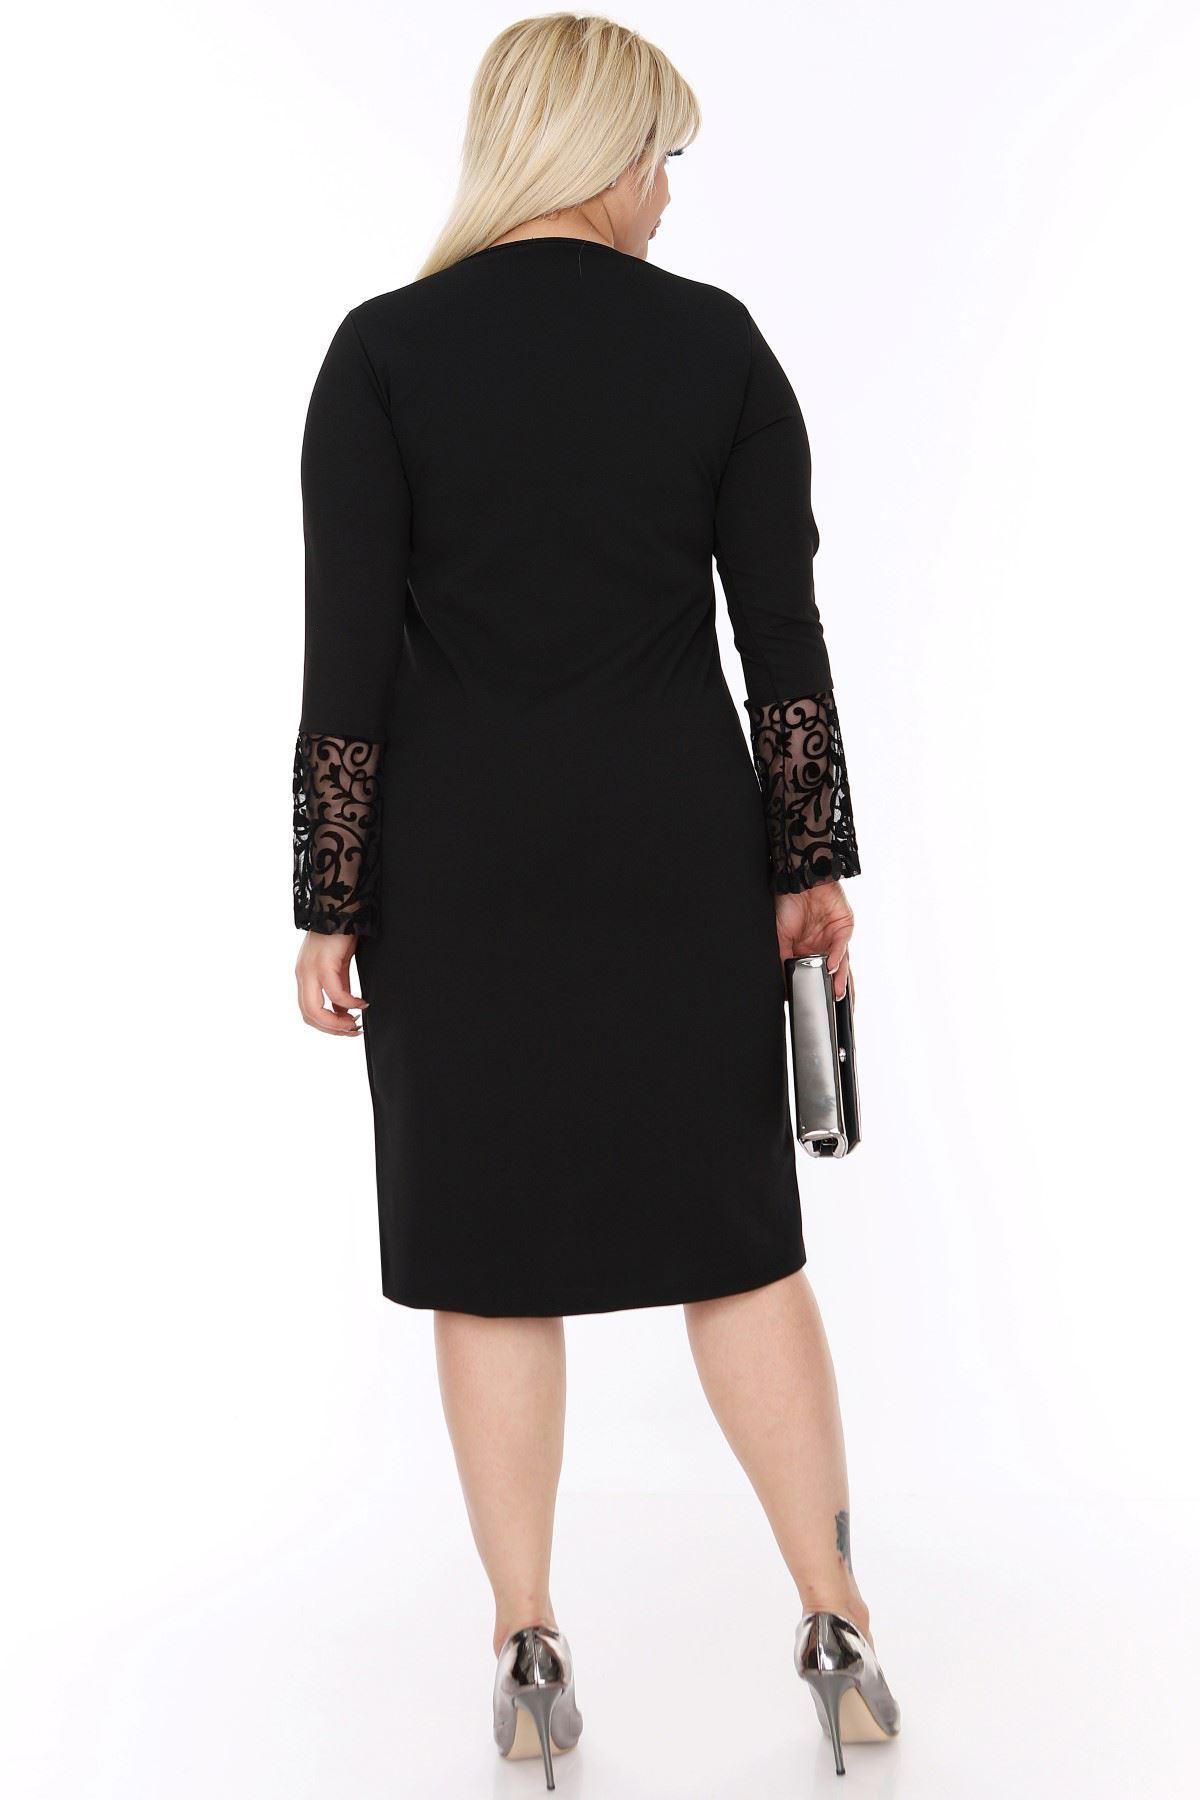 İspanyol Kol Siyah Elbise 4D-69249